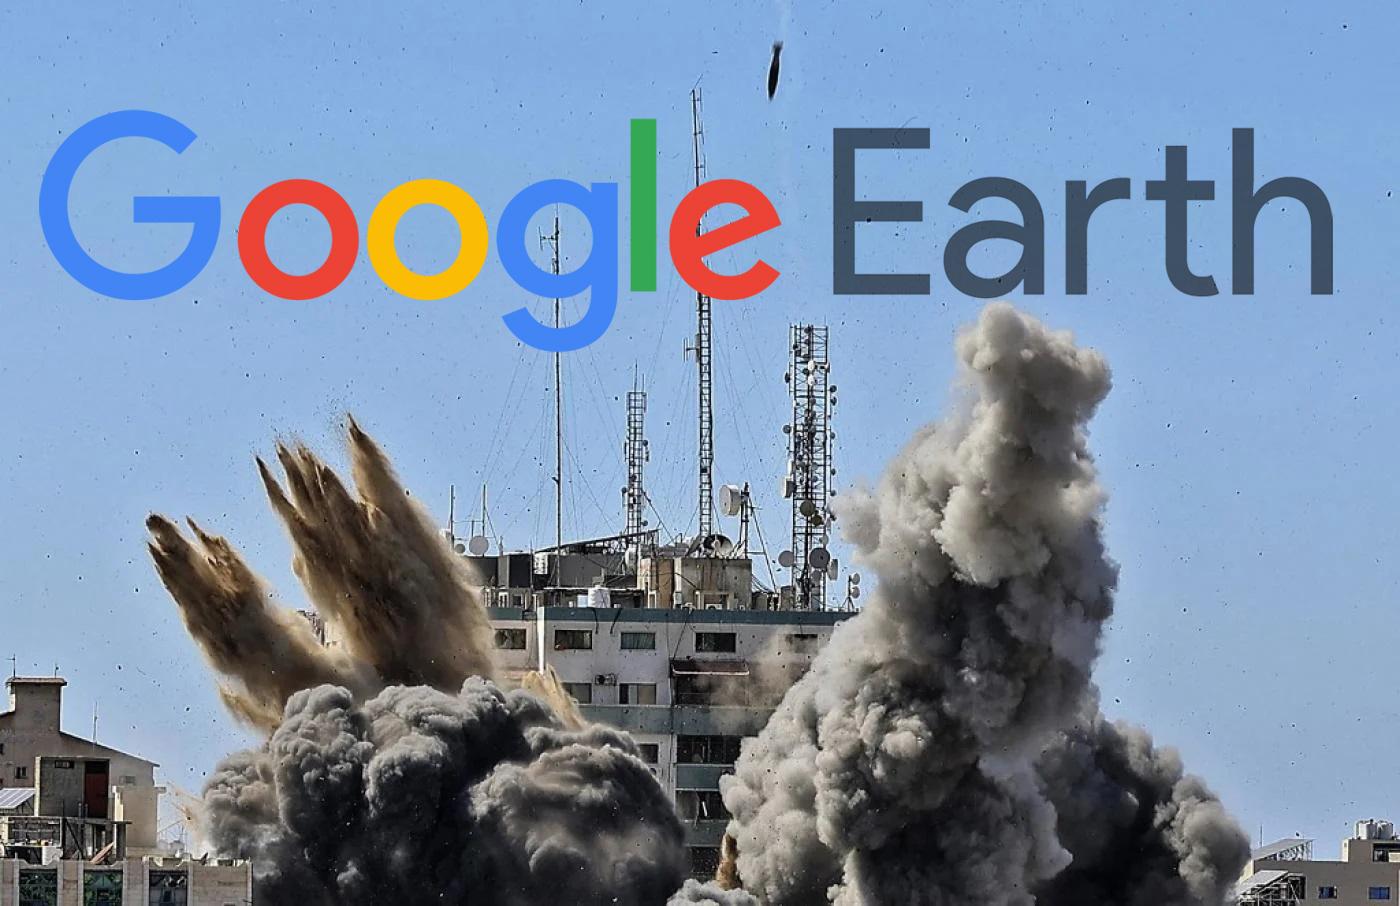 Amaç Yıkımı Gizlemek mi? Gazze, Google Haritalarında Neden Bulanık Görünüyor?